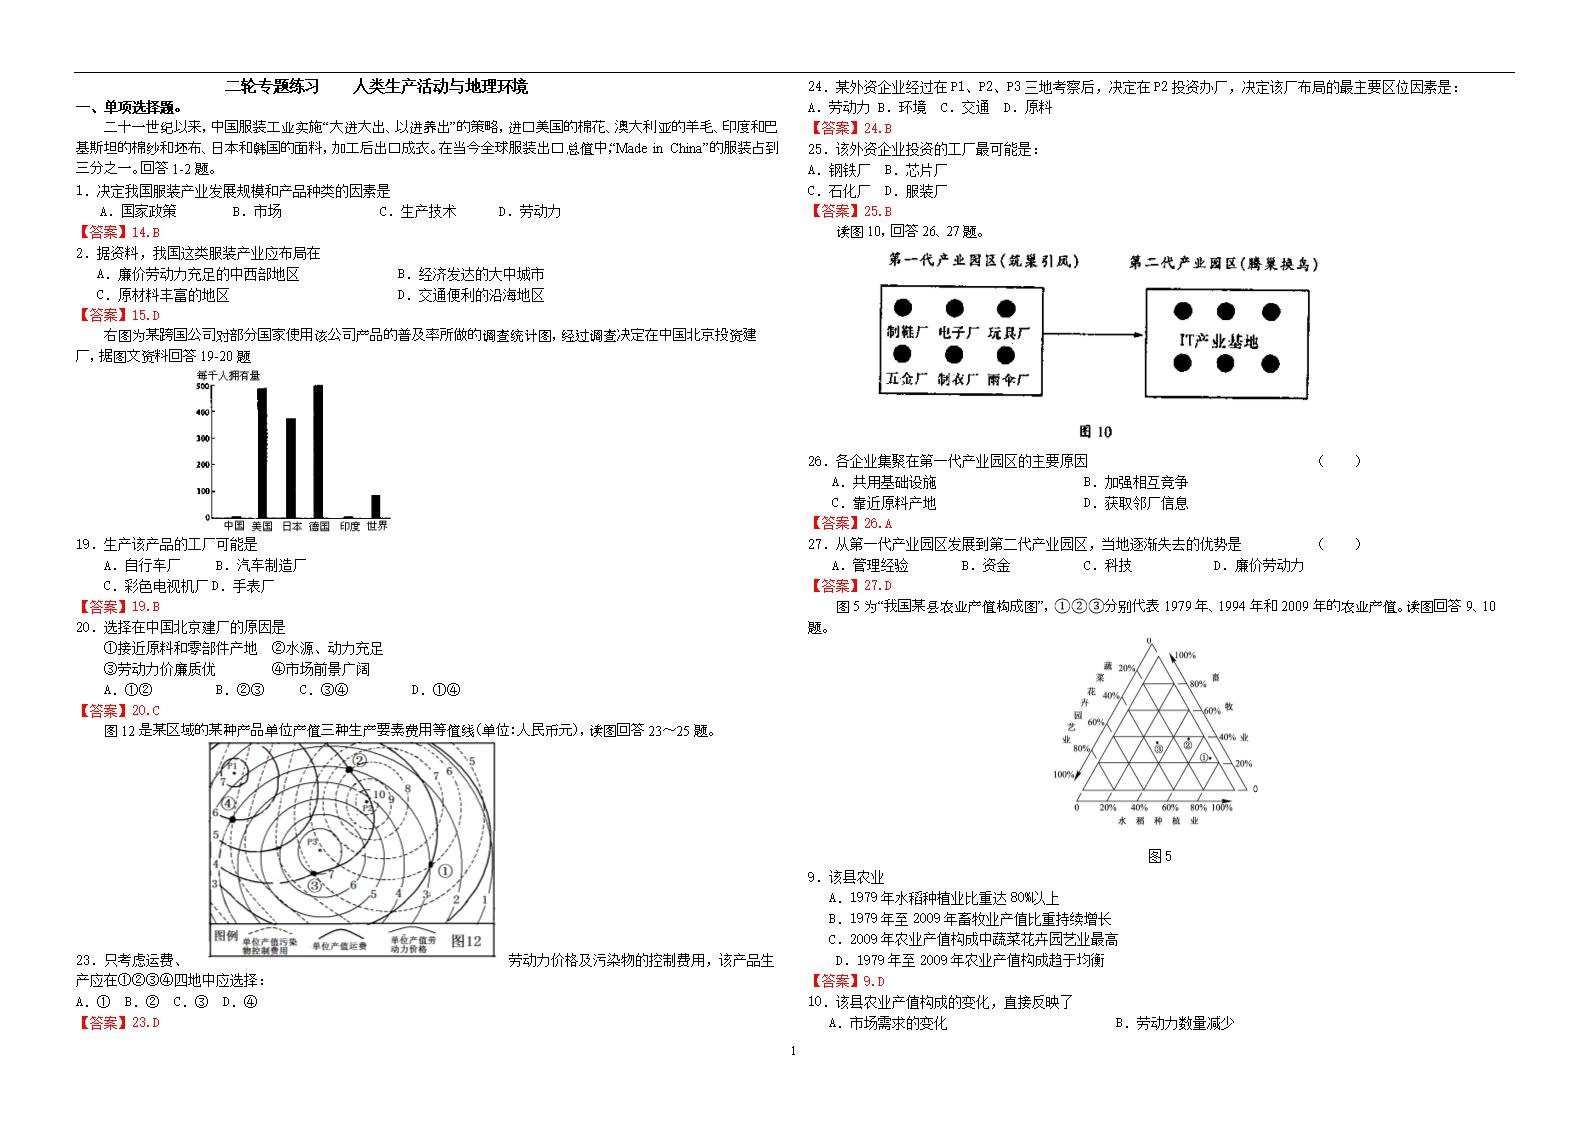 d读朝鲜半岛位置示意图(图8),回答19~20题.19.